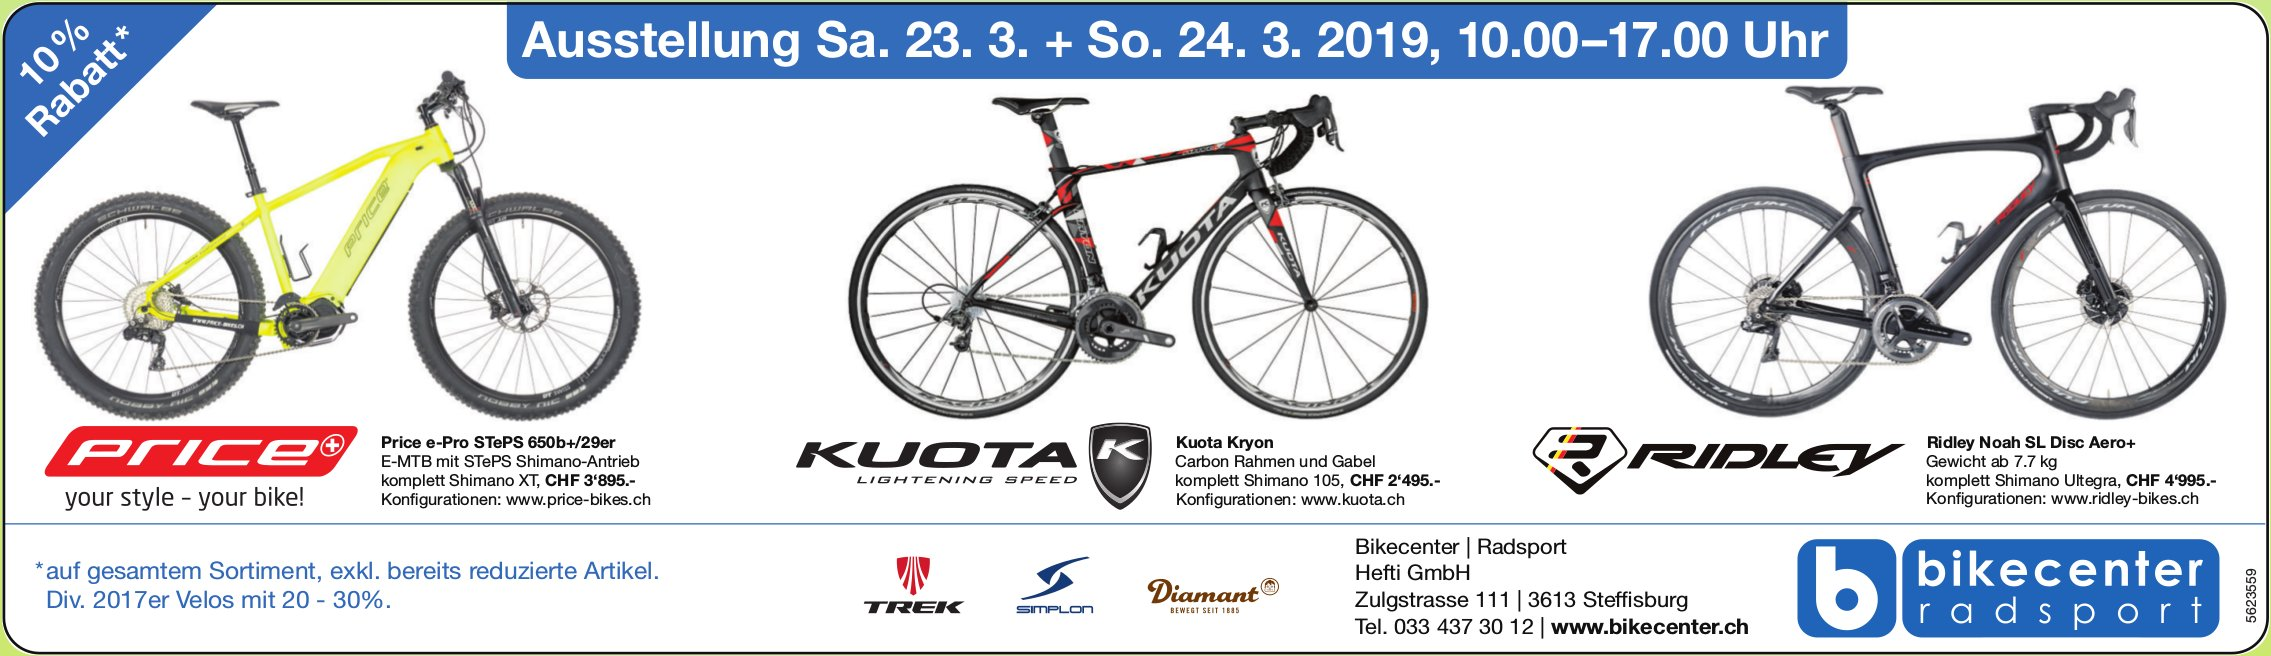 Bikecenter / Radsport - Ausstellung, 23. +24. März